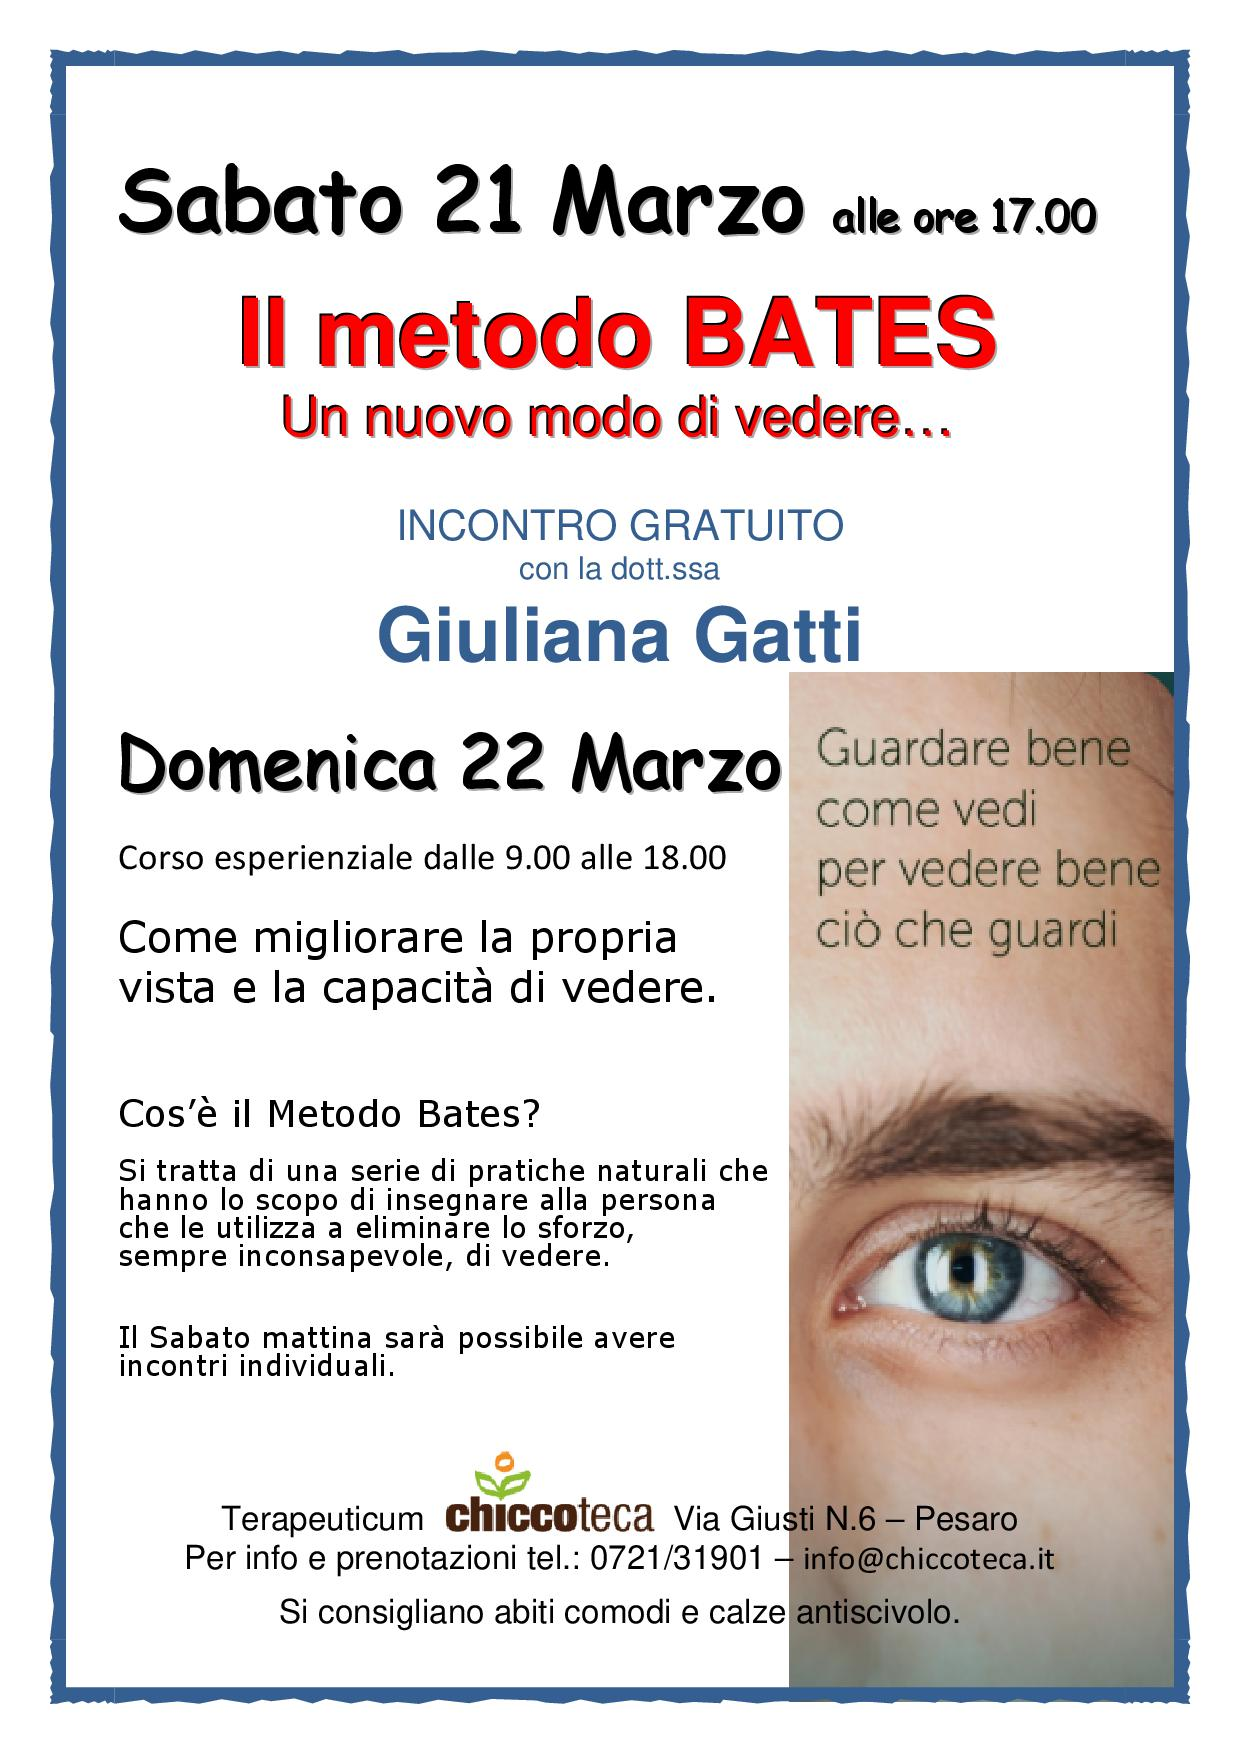 Conferenza gratuita, incontri individuali e corso esperienziale sul metodo BATES con la Dott.ssa Giuliana Gatti